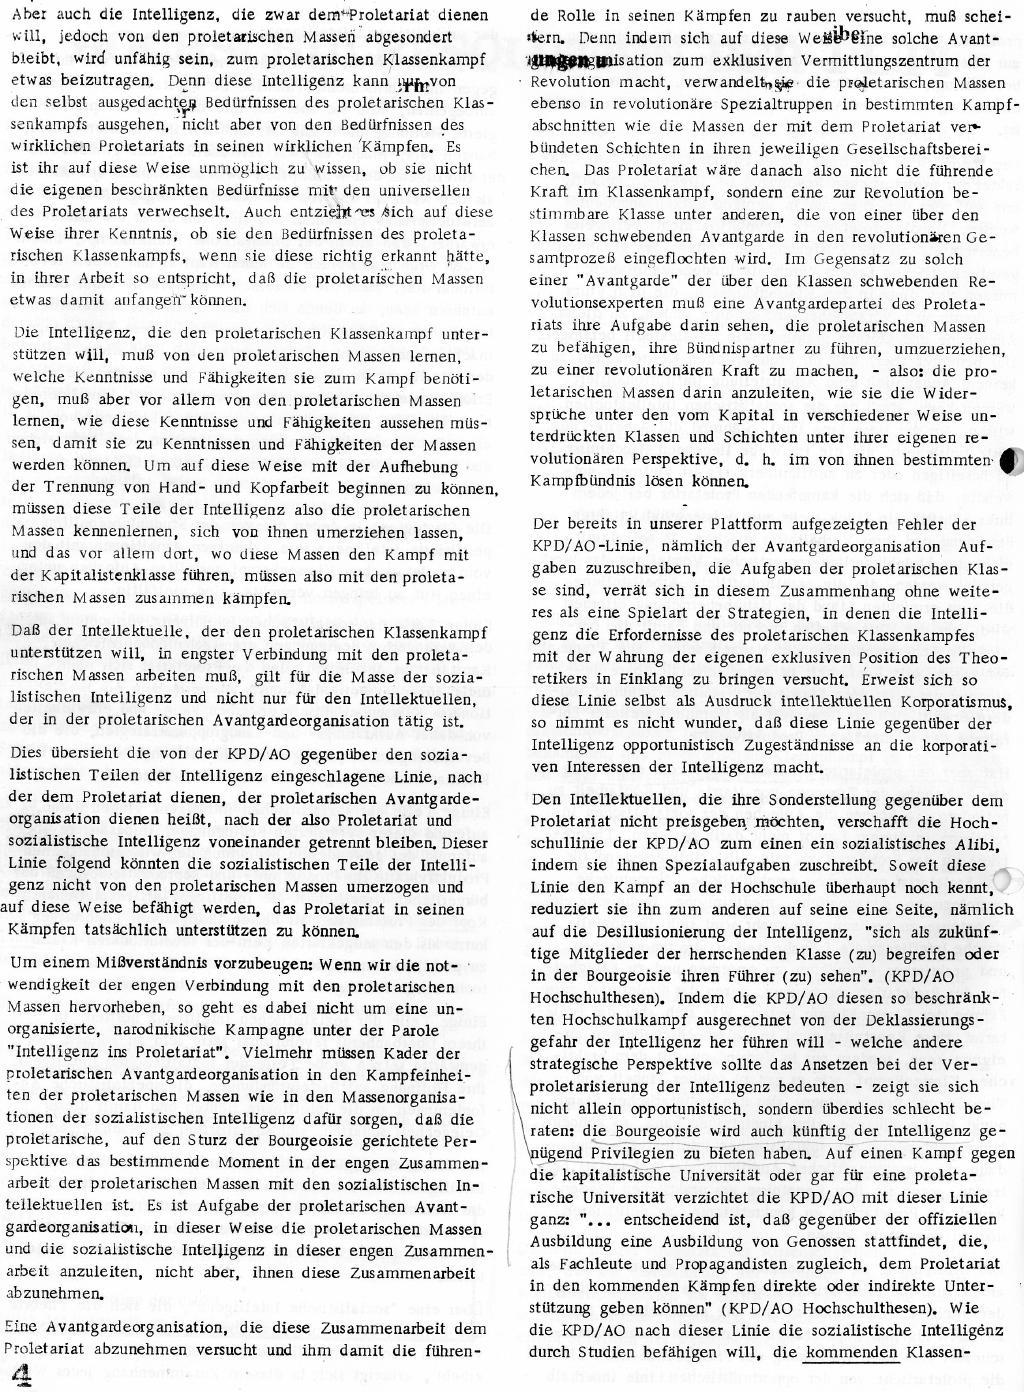 RPK_1970_084_04